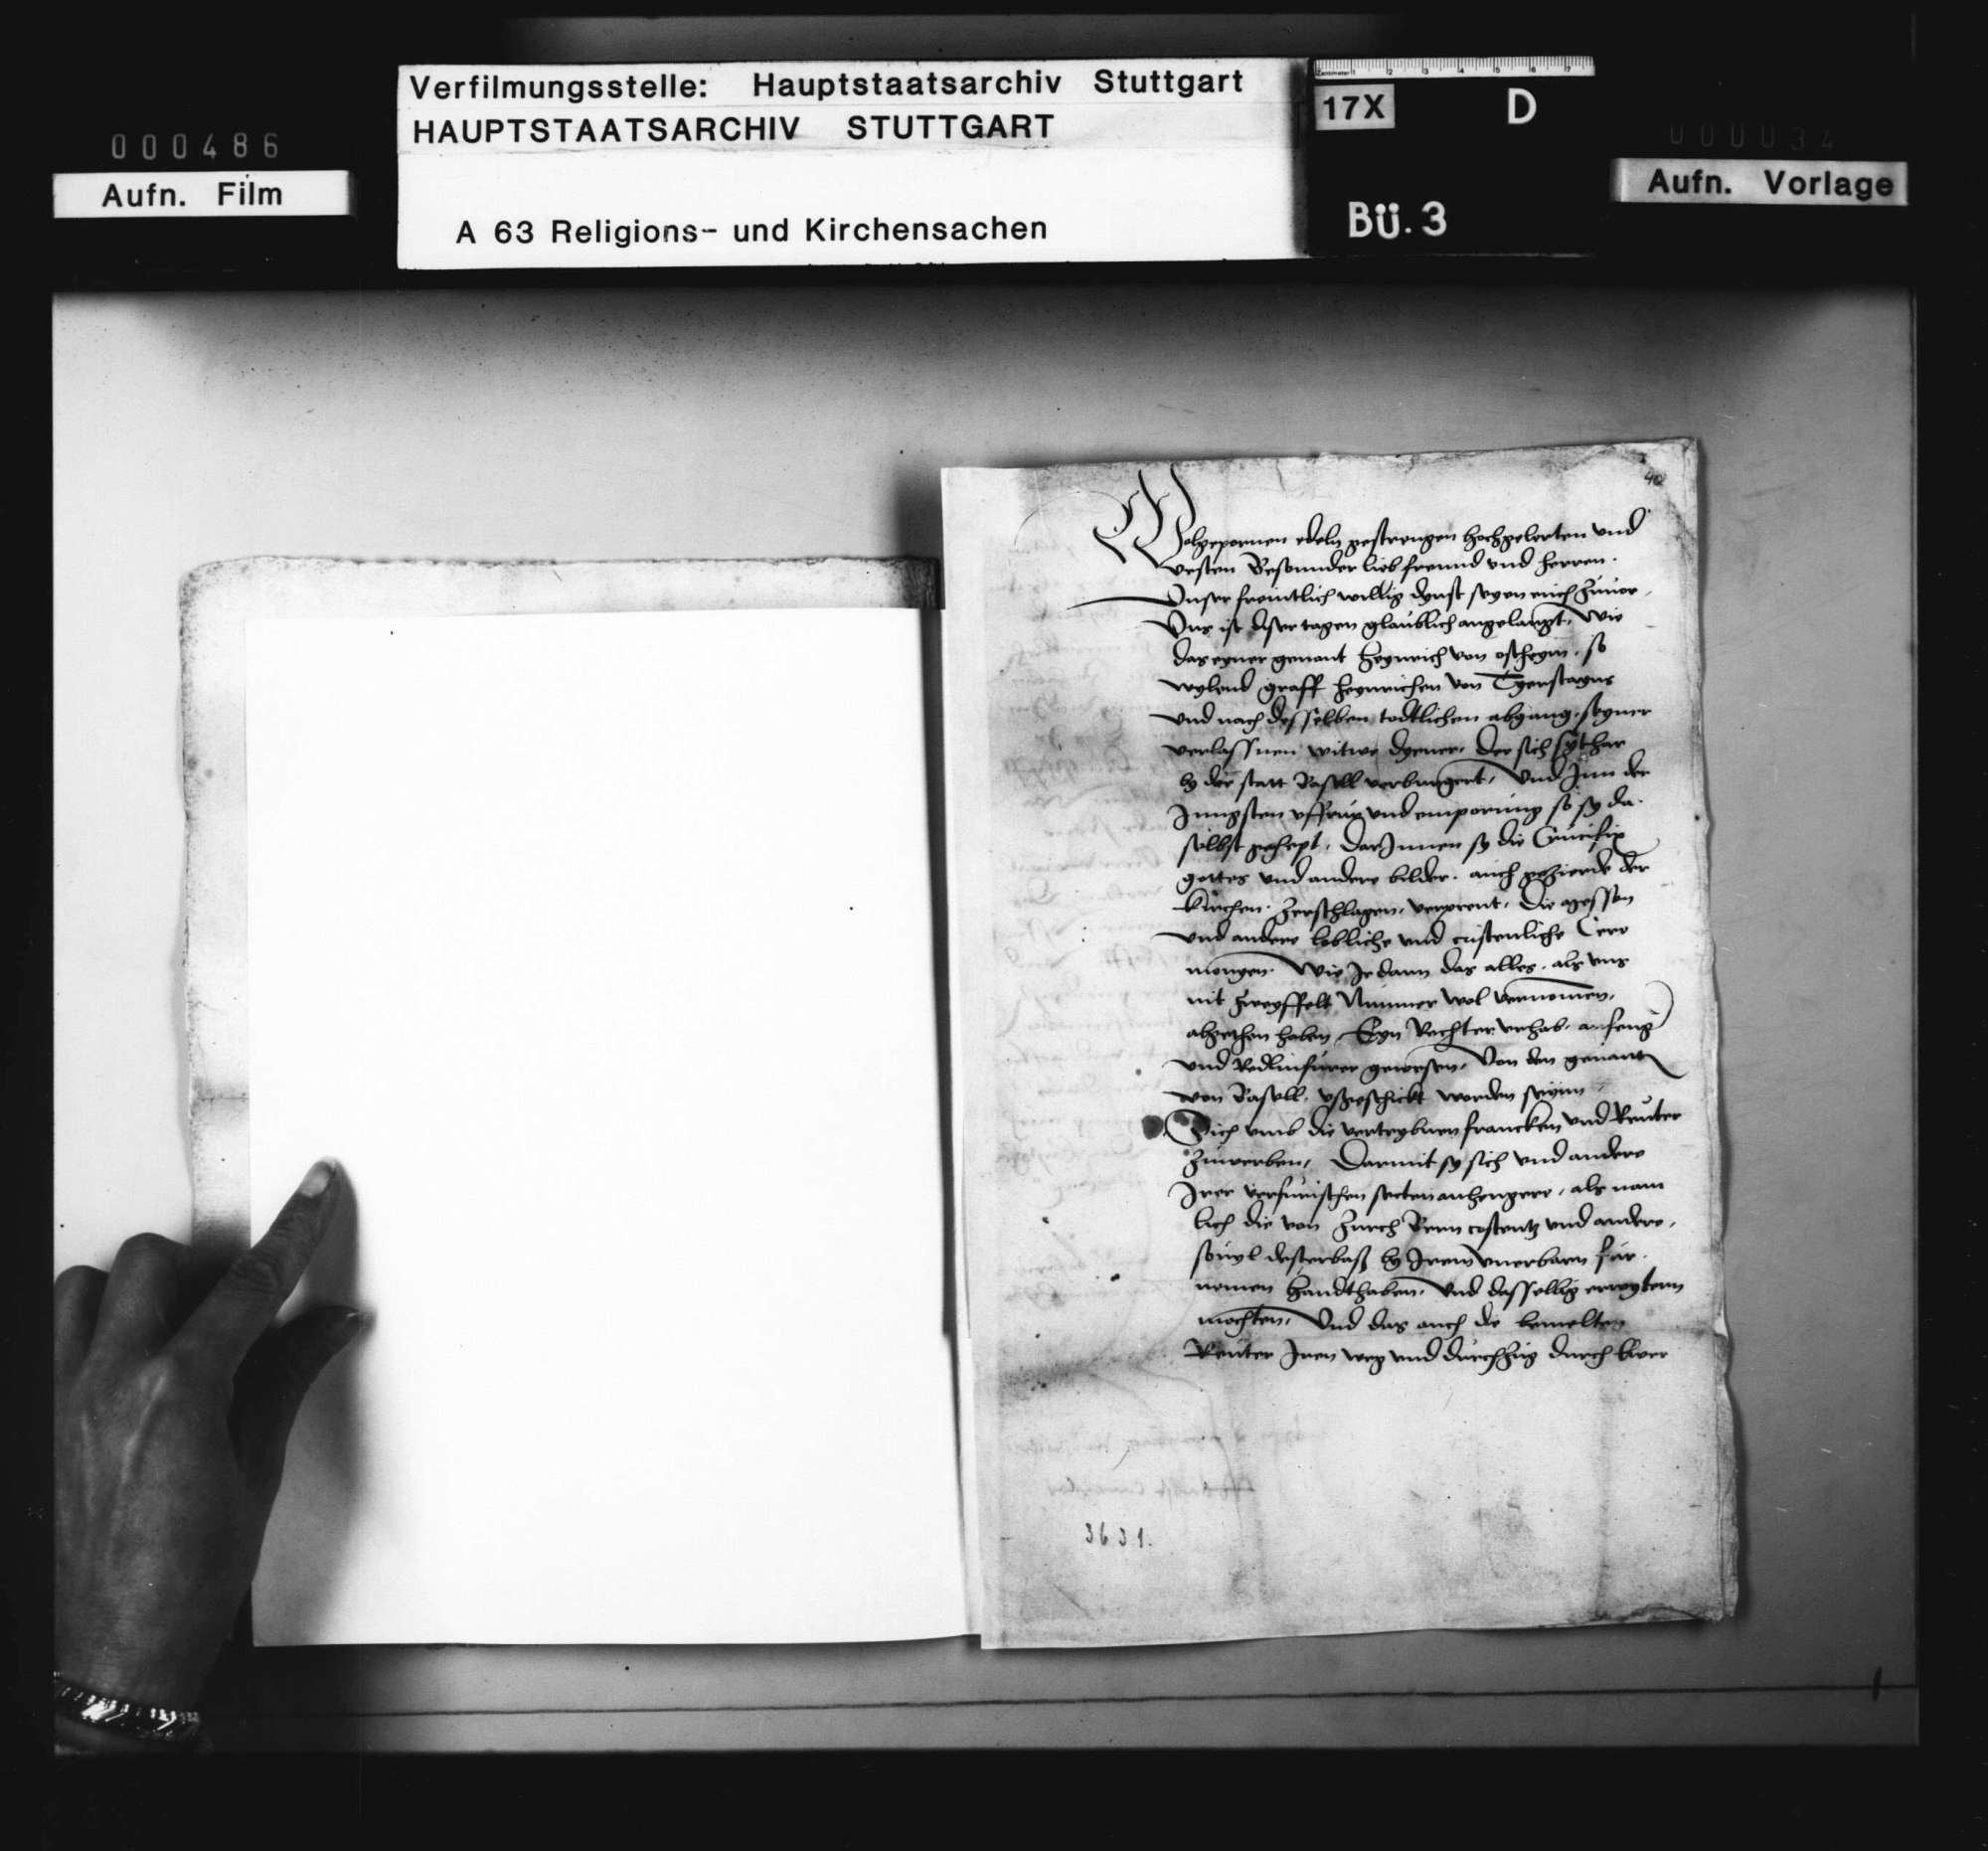 Schreiben des kaiserlichen Statthalters im Oberelsaß an den Statthalter in Württemberg, Bild 3